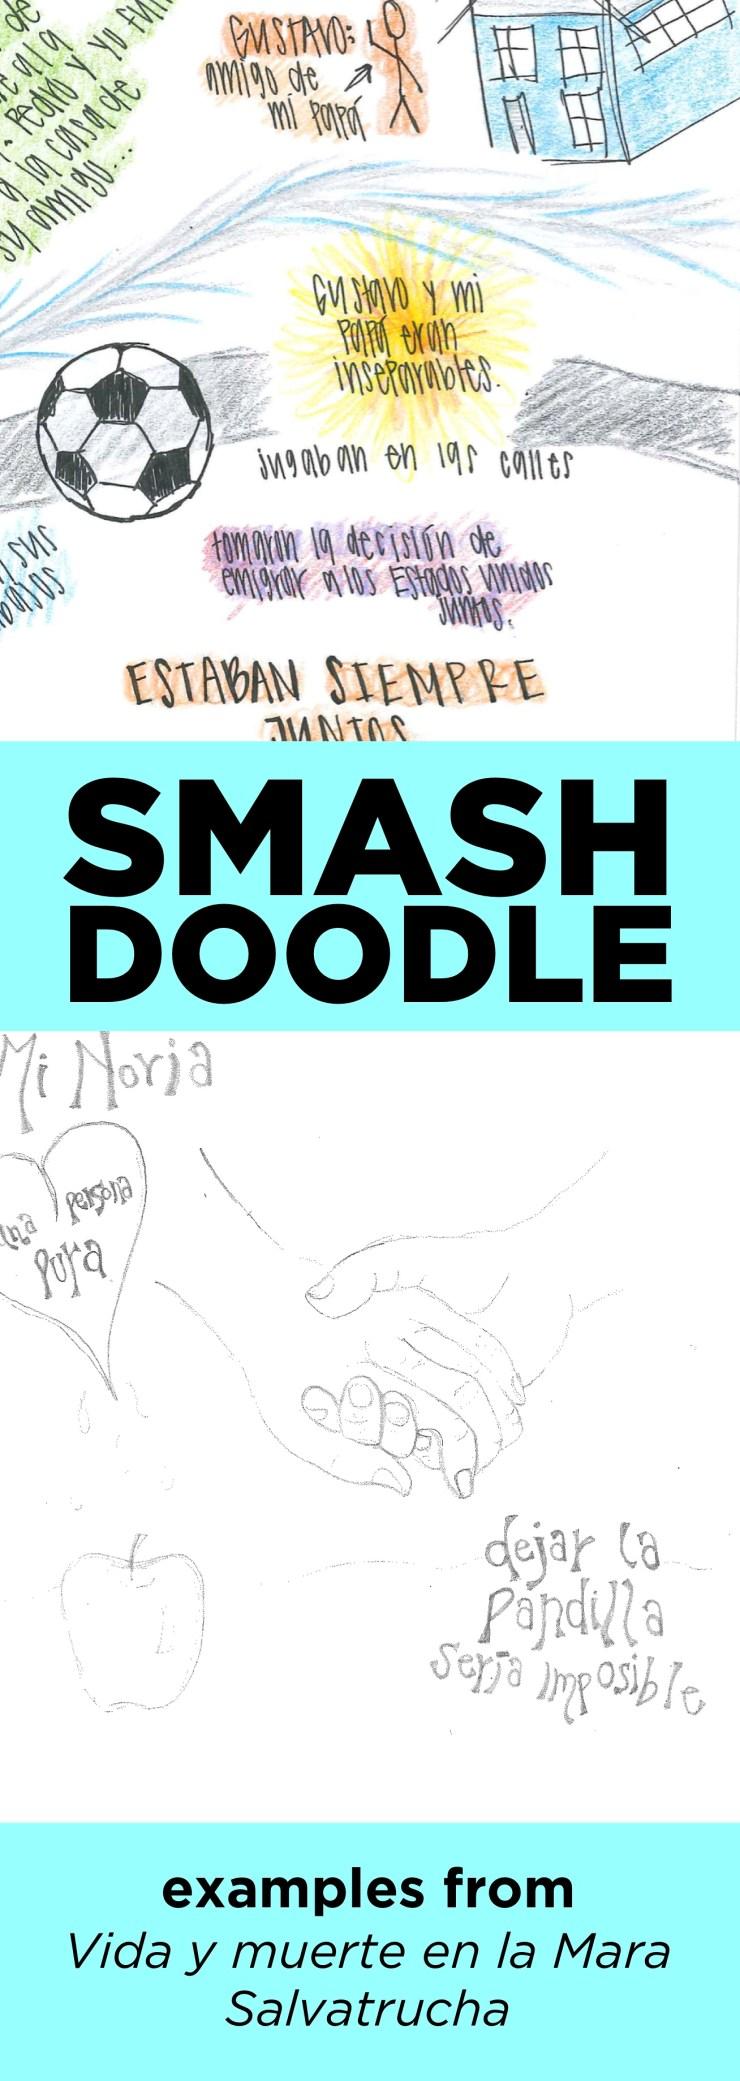 See some simple smash doodle notes from Vida y muerta en la mara salvatrucha